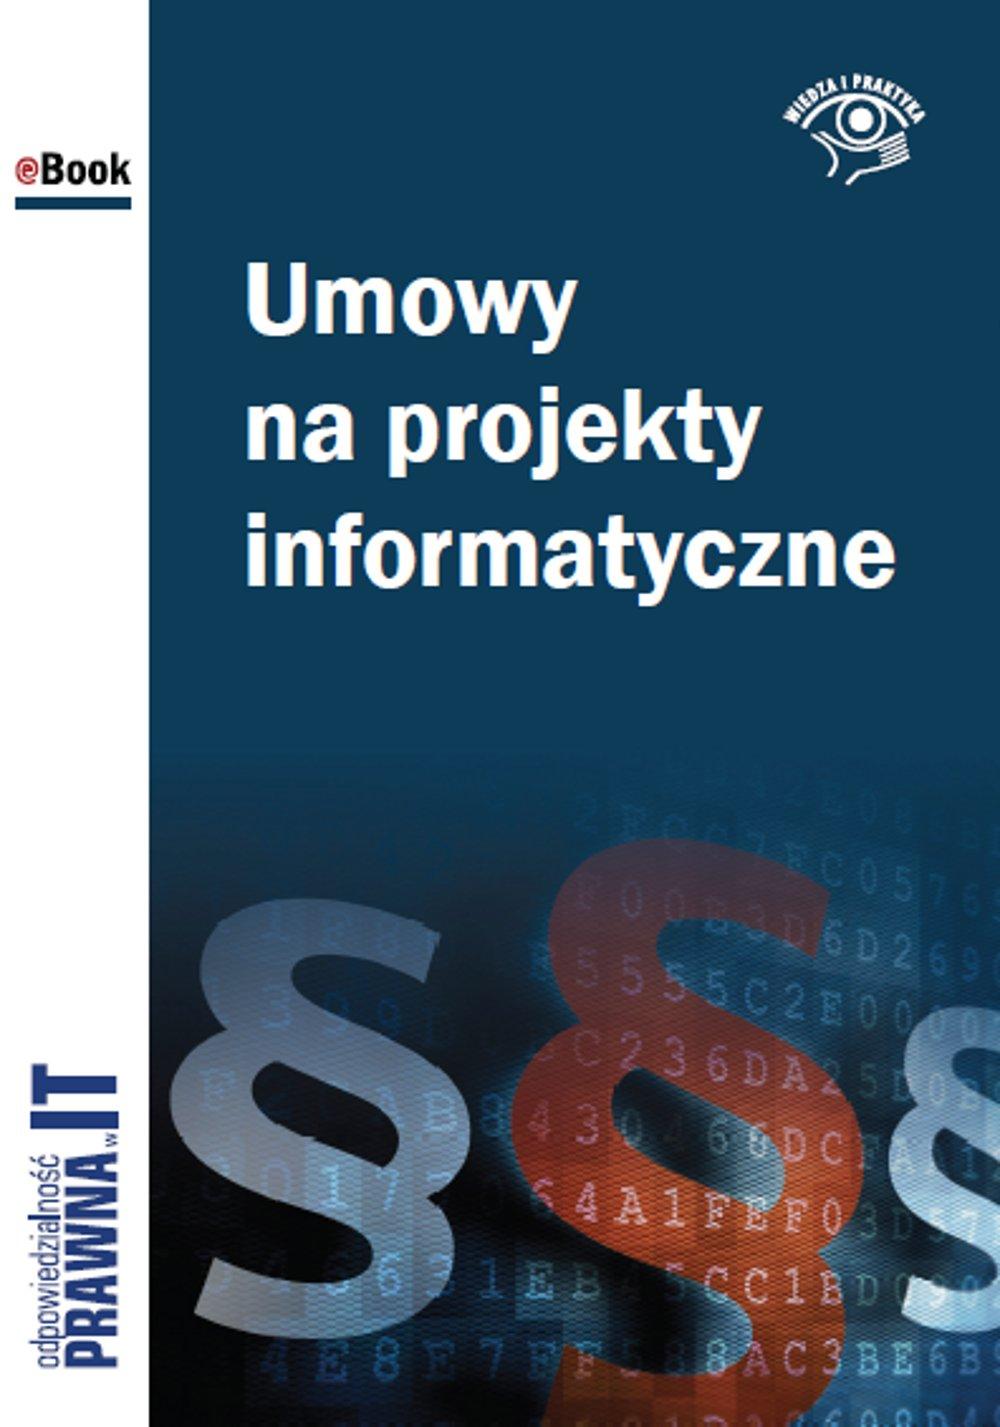 Umowy na projekty informatyczne - Ebook (Książka PDF) do pobrania w formacie PDF